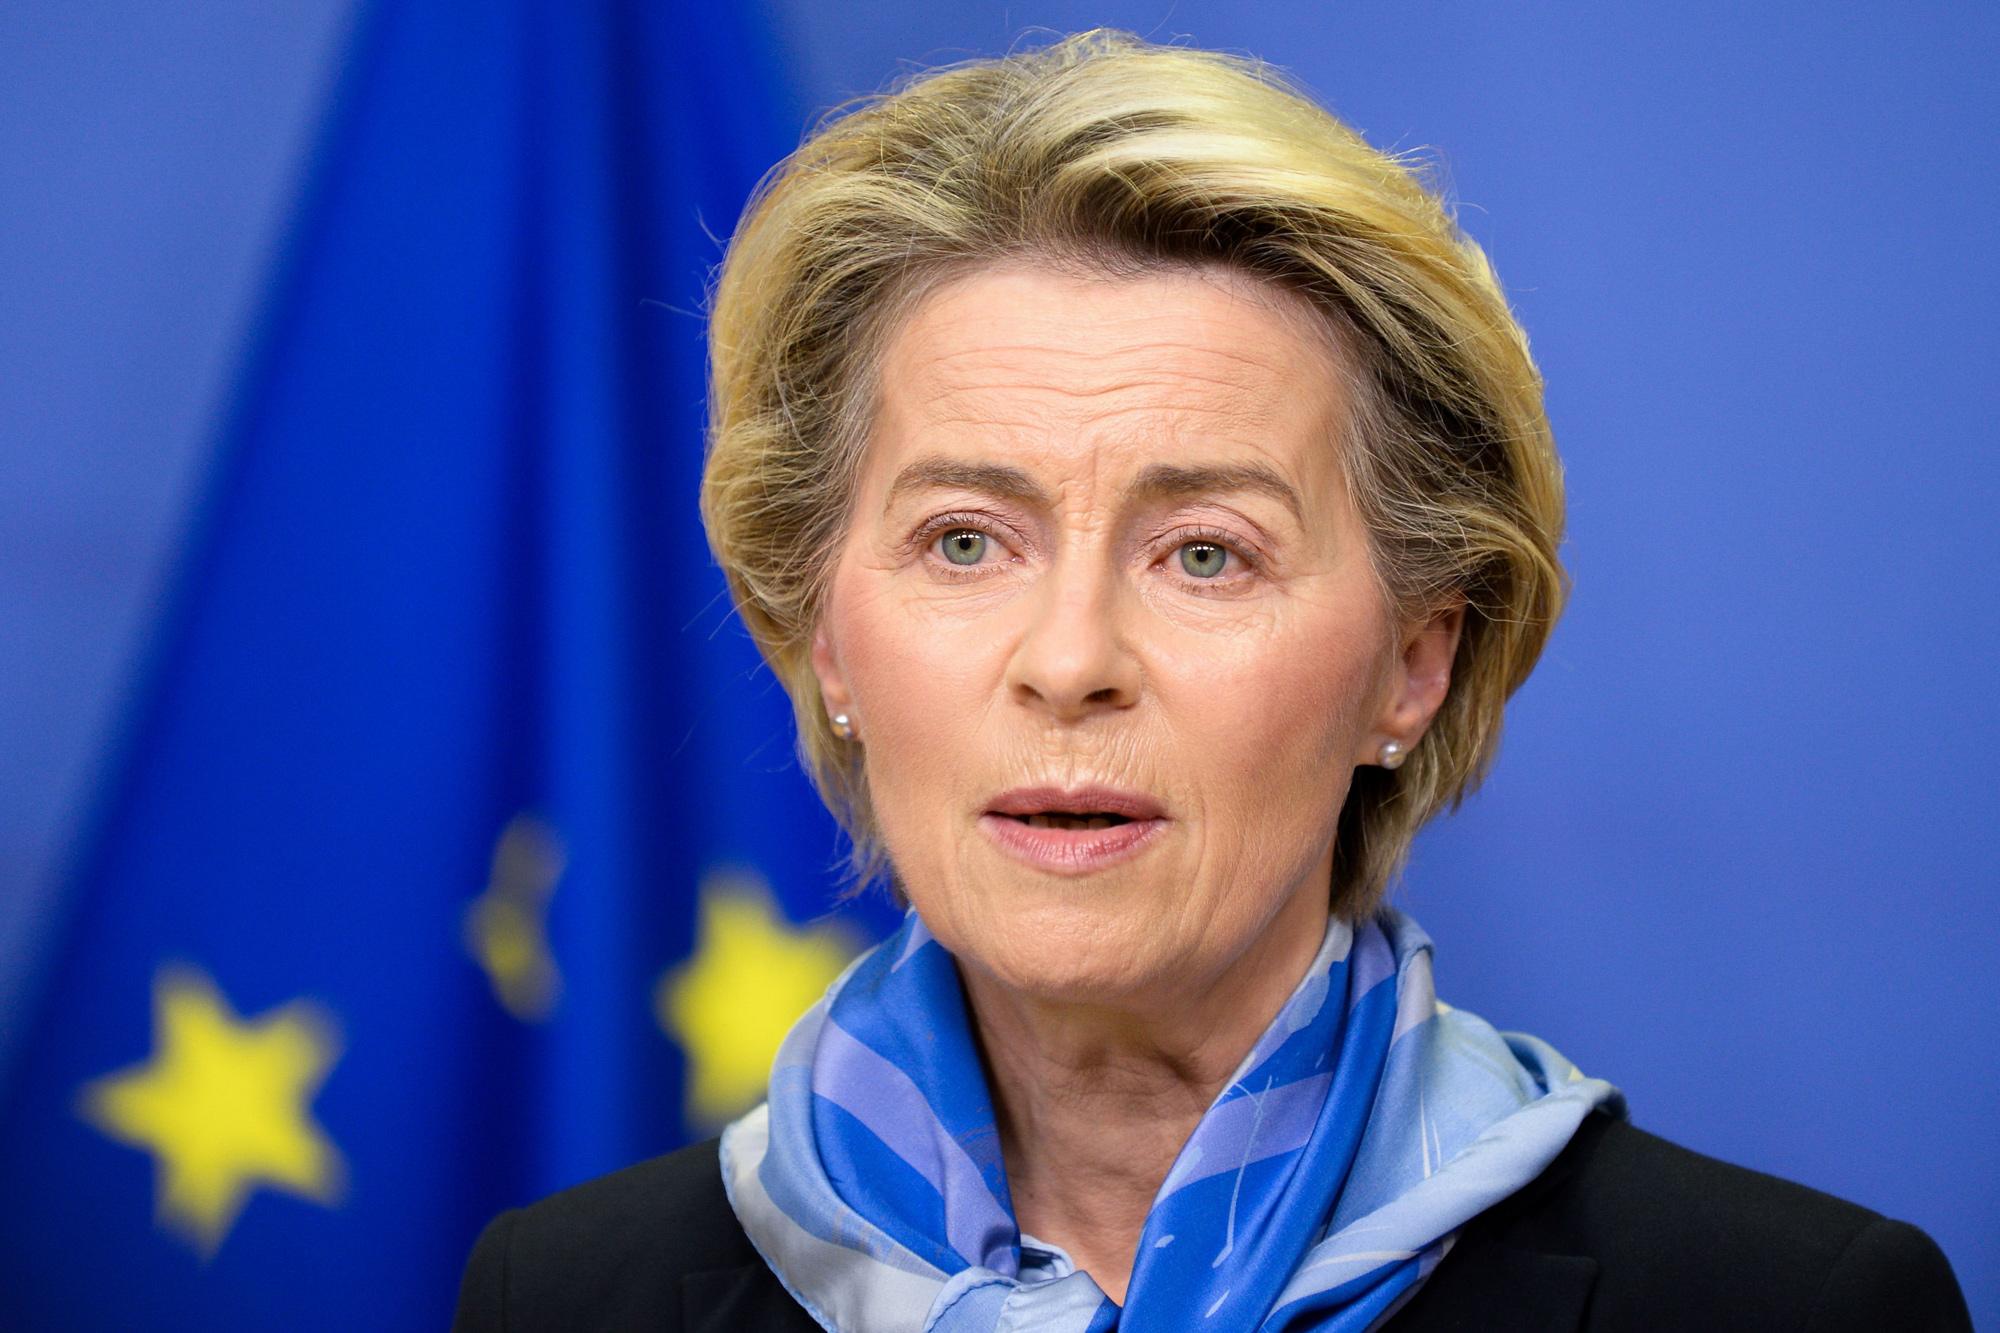 European Commission President Ursula von der Leyen gives a press statement in Brussels on December 21.